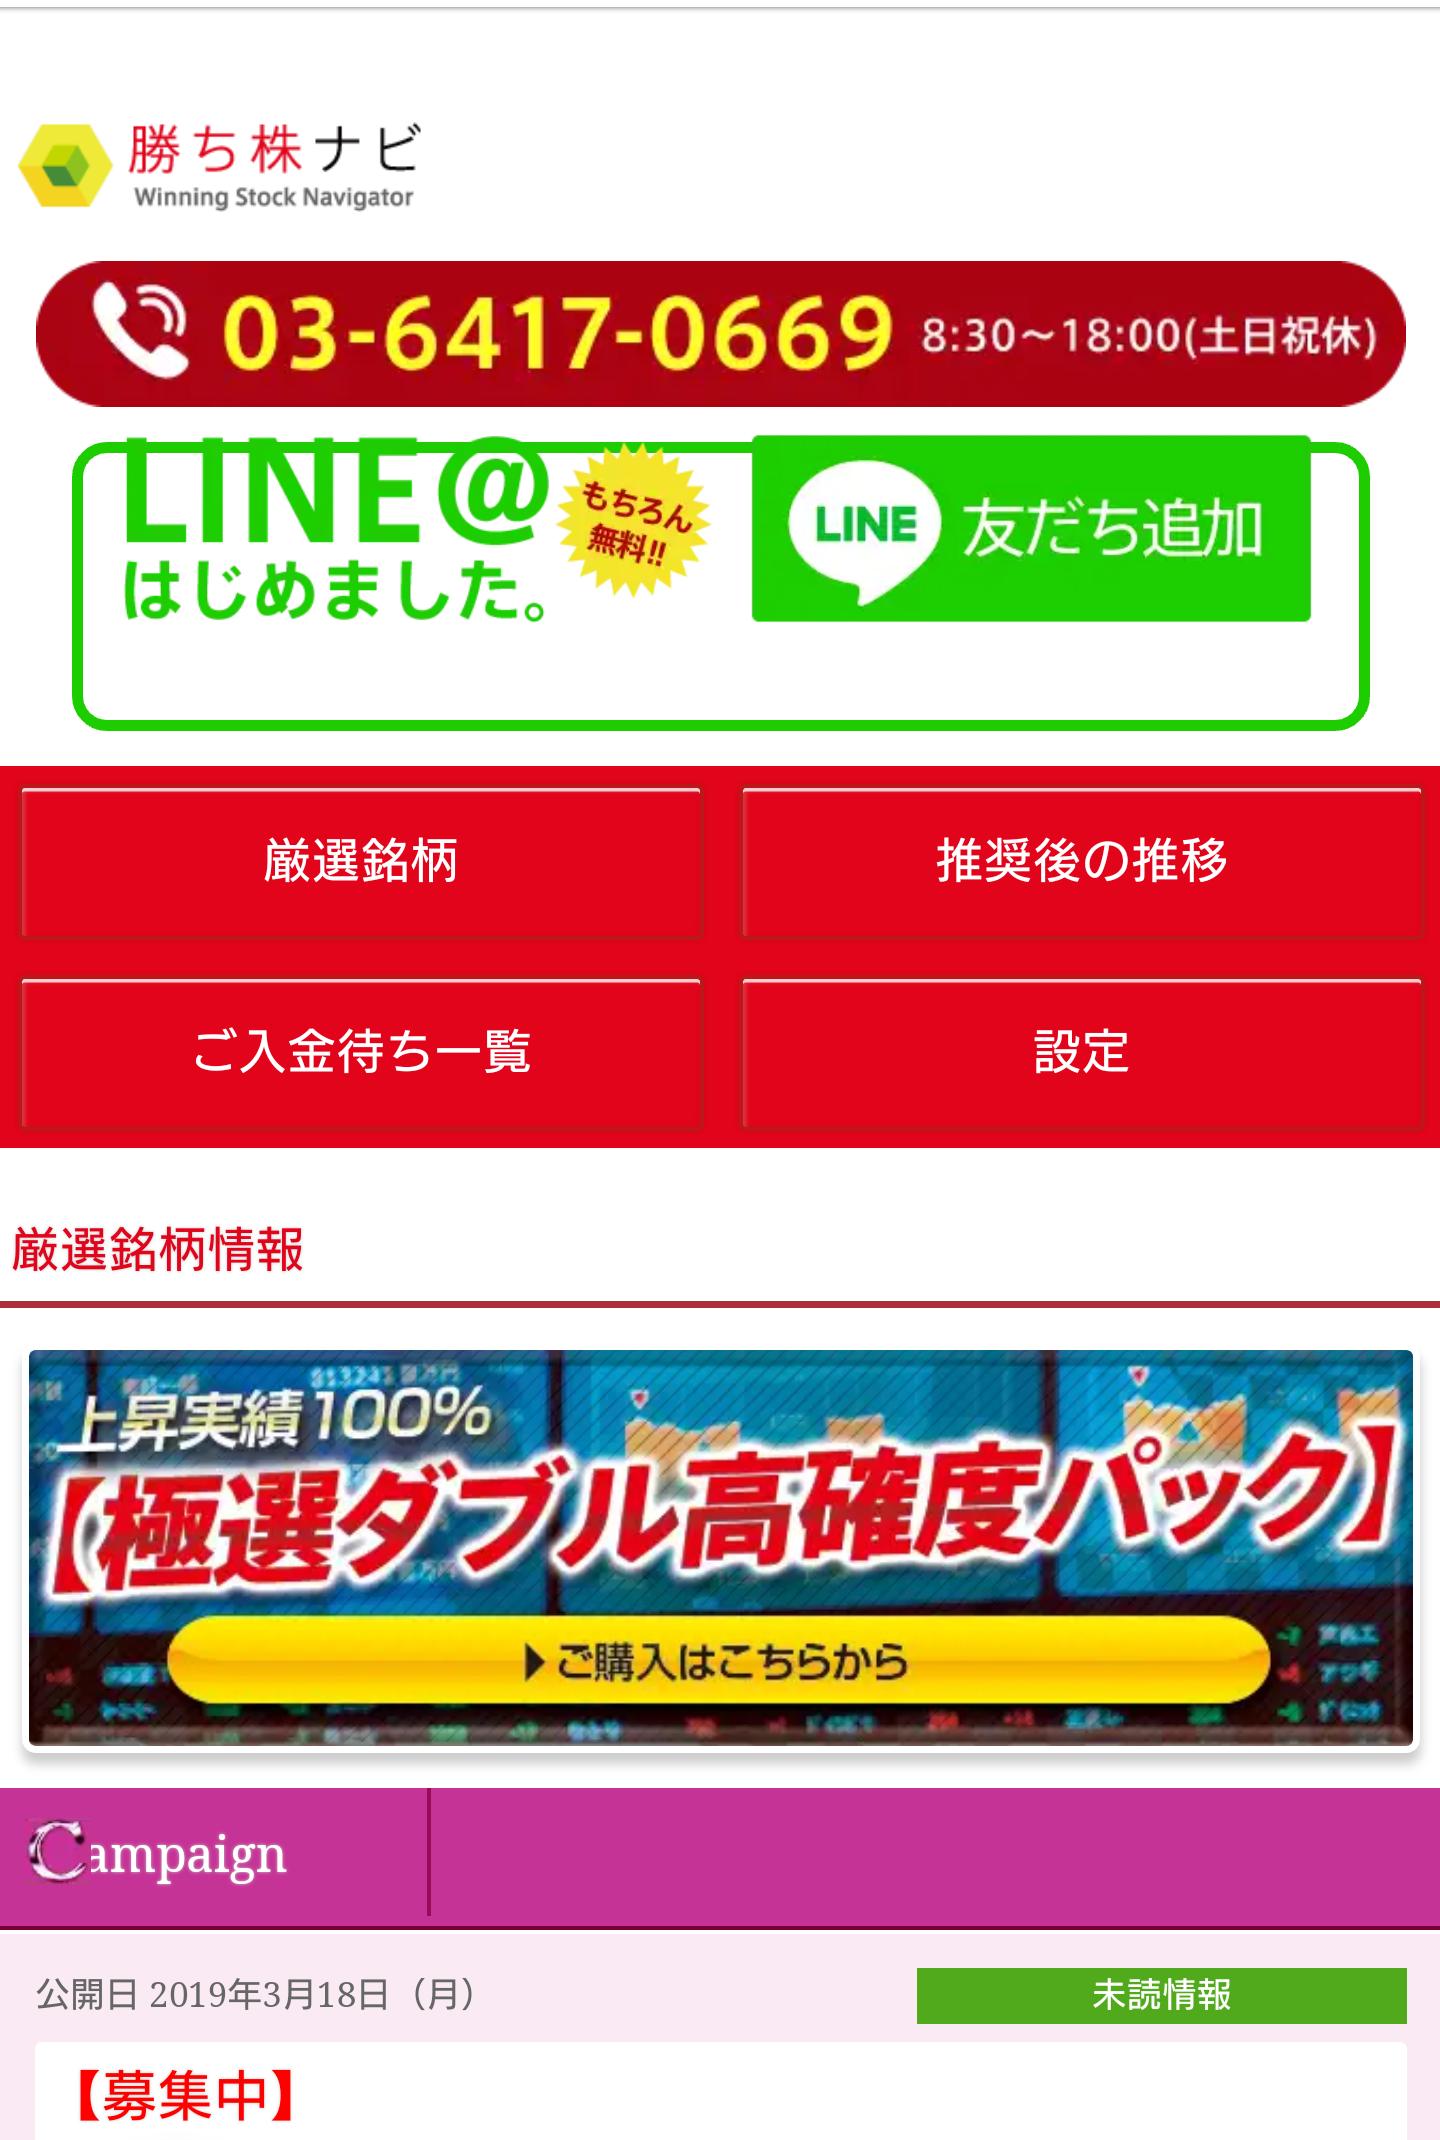 勝ち株ナビ ホーム画面